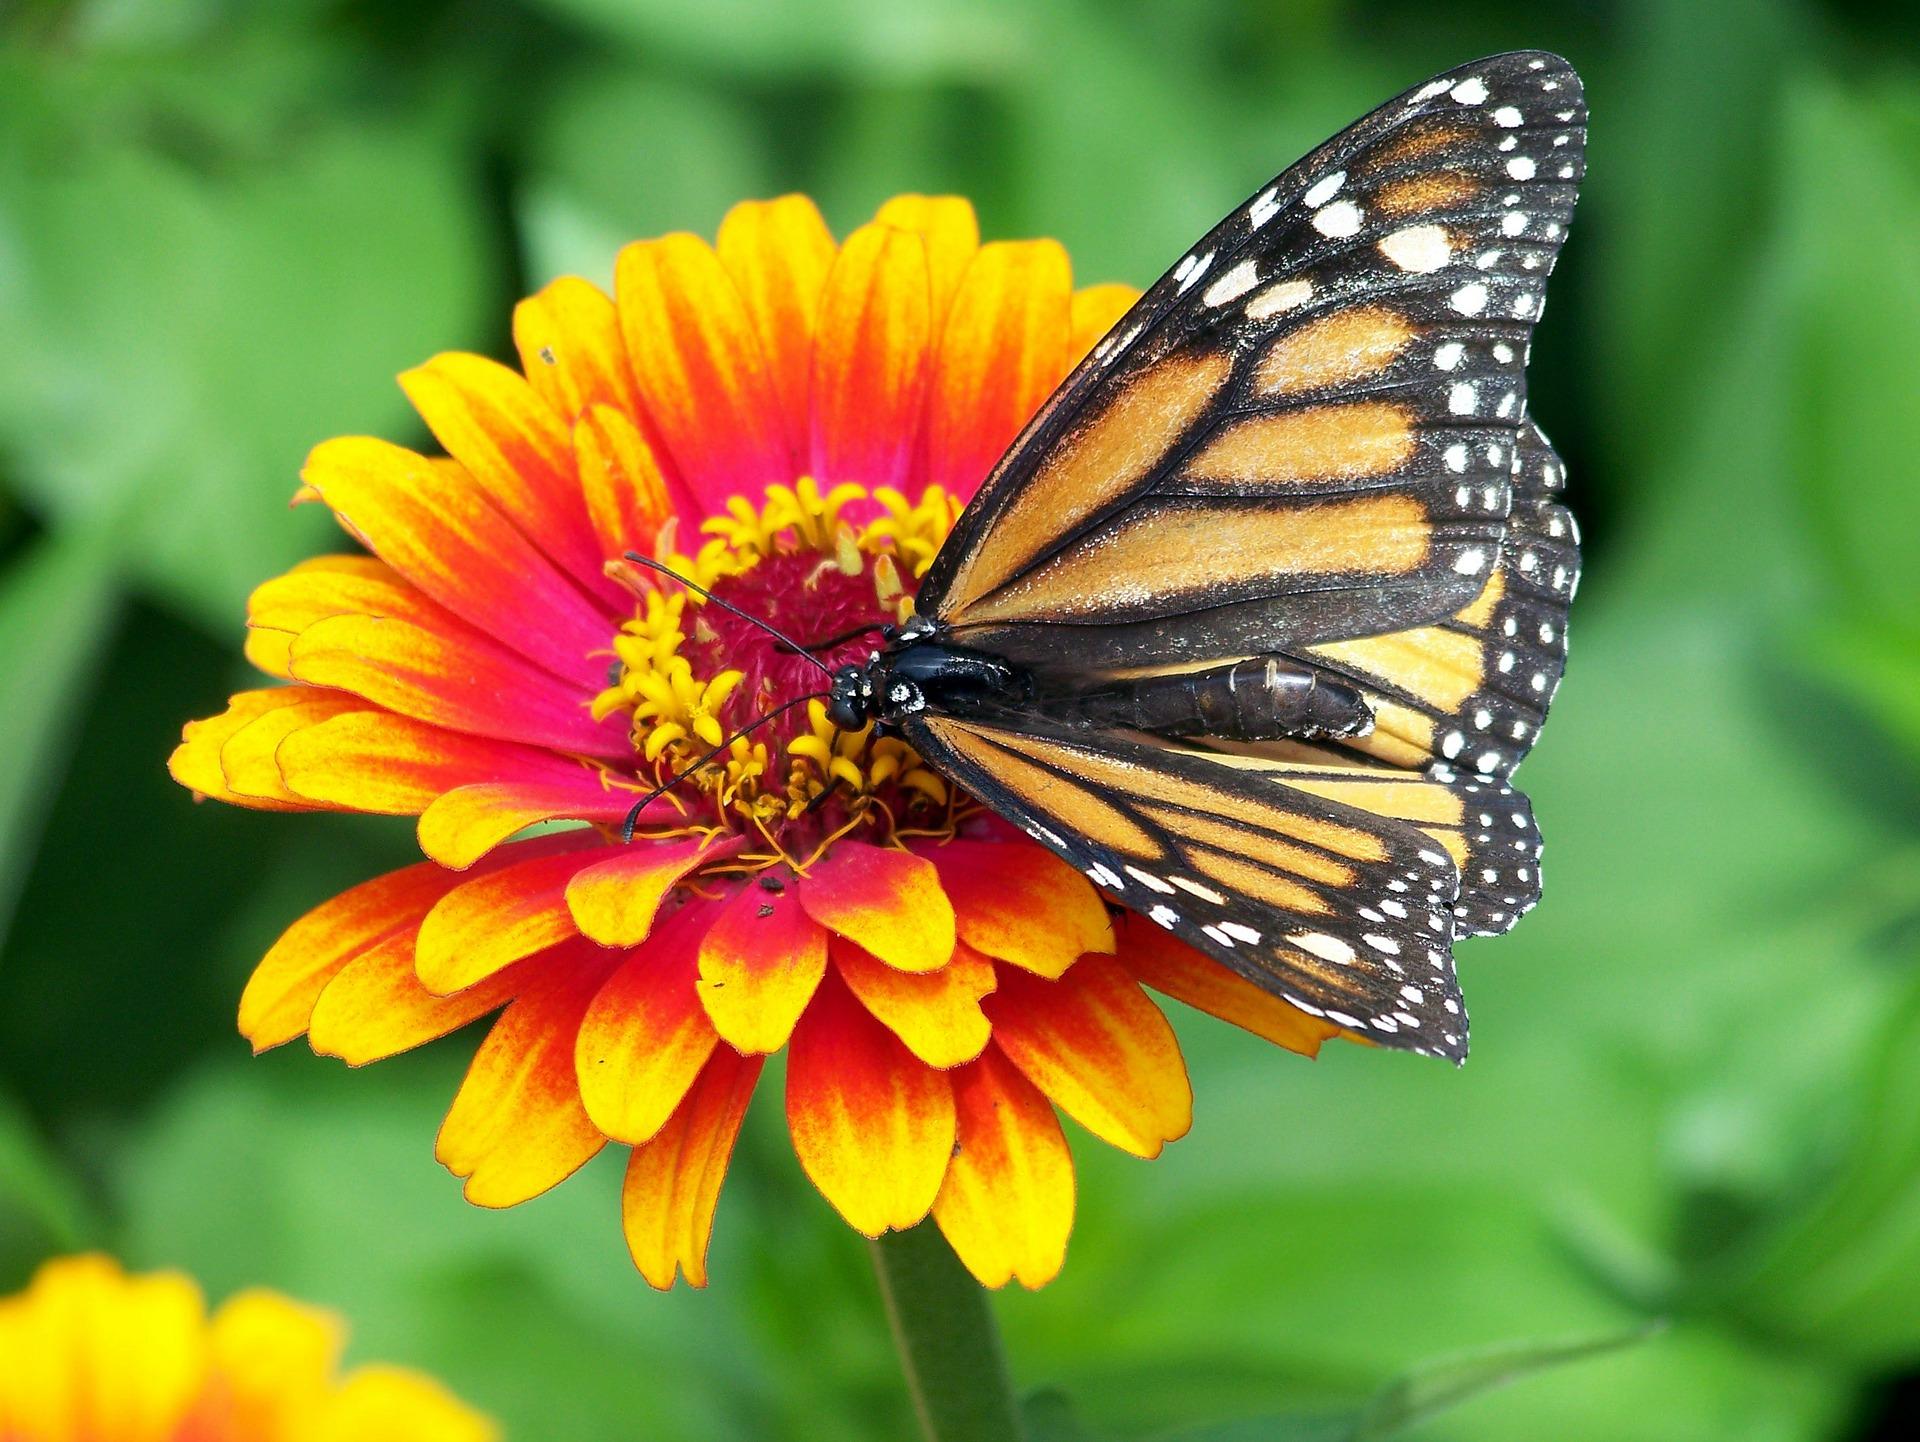 10 conseils pour un jardin respectueux de l'environnement et nécessitant peu d'entretien